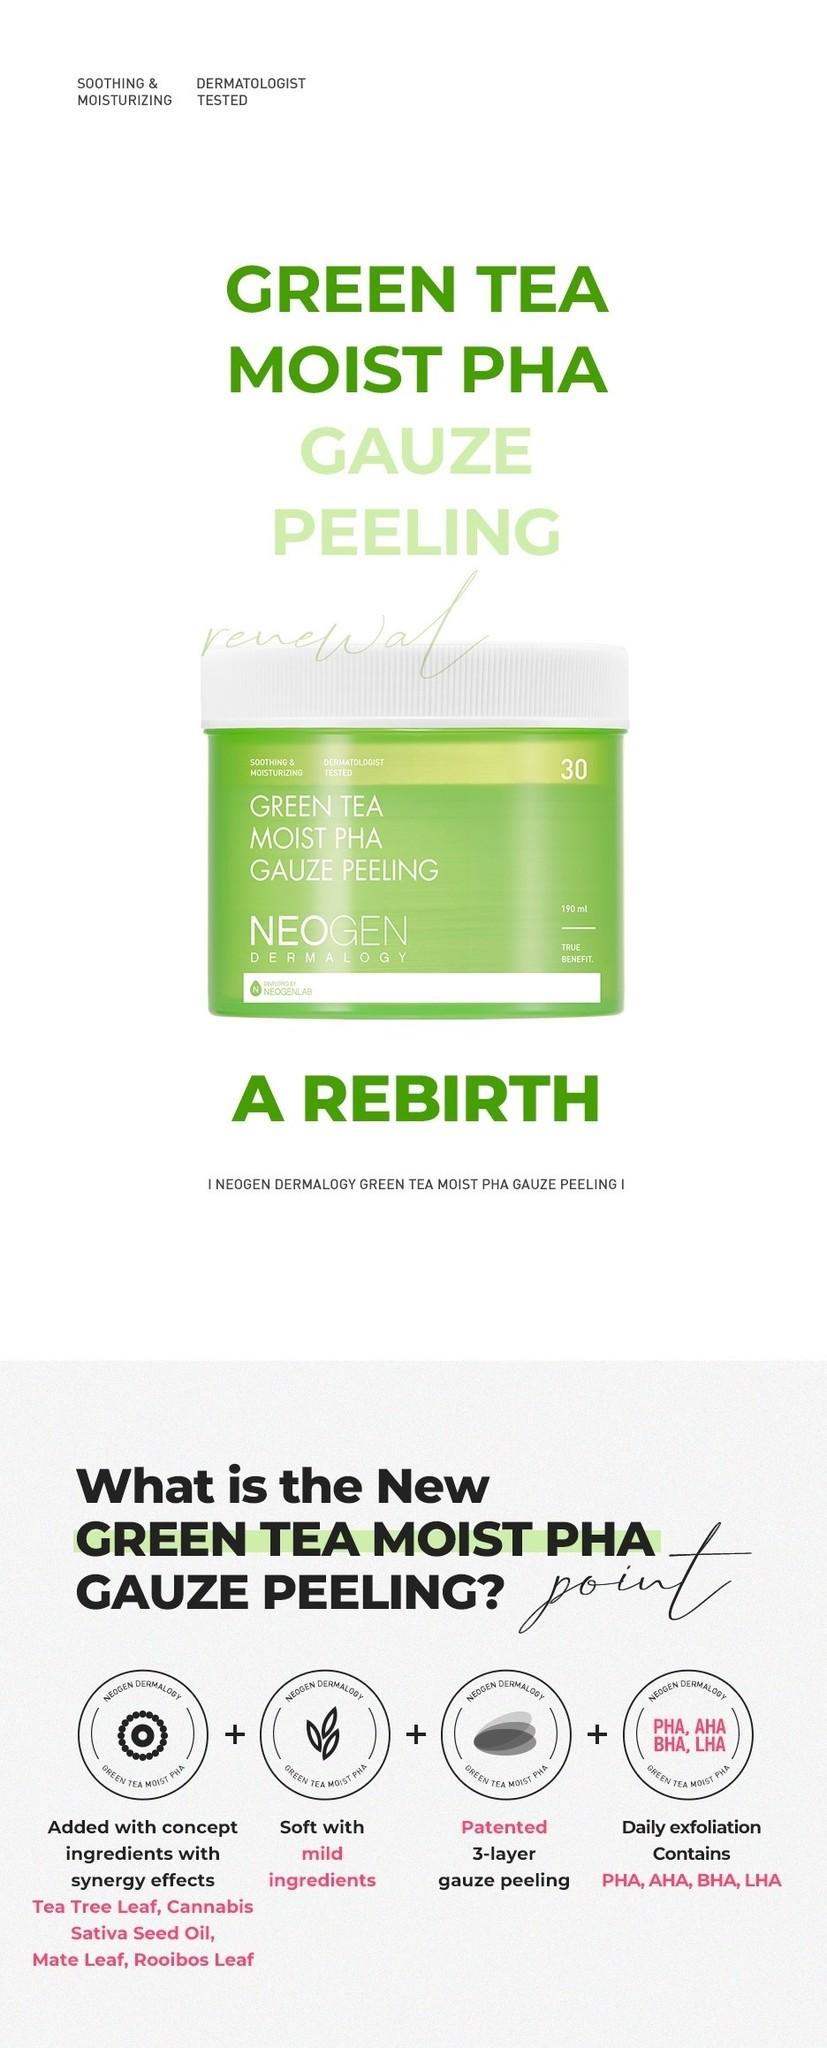 Green Tea Moist PHA Gauze Peeling-4